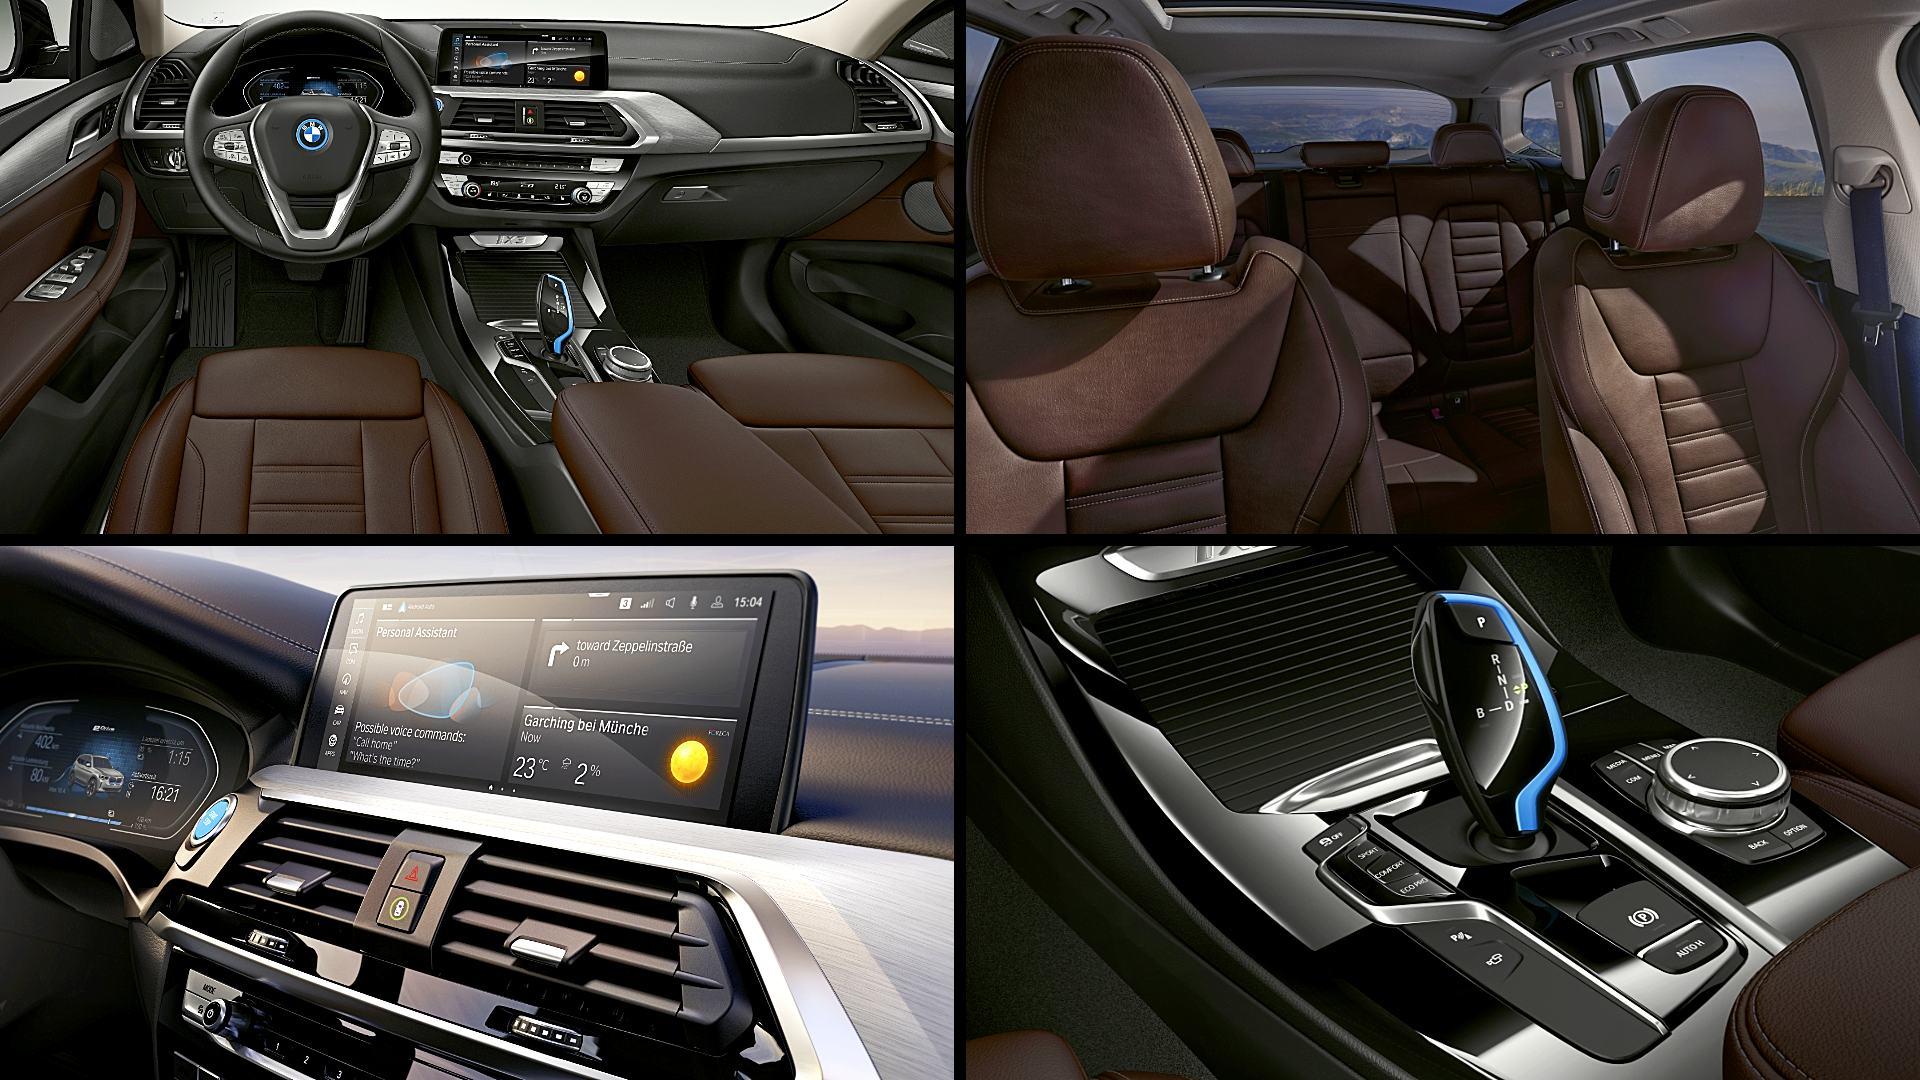 2021 BMW iX3 Electric Interior Colors